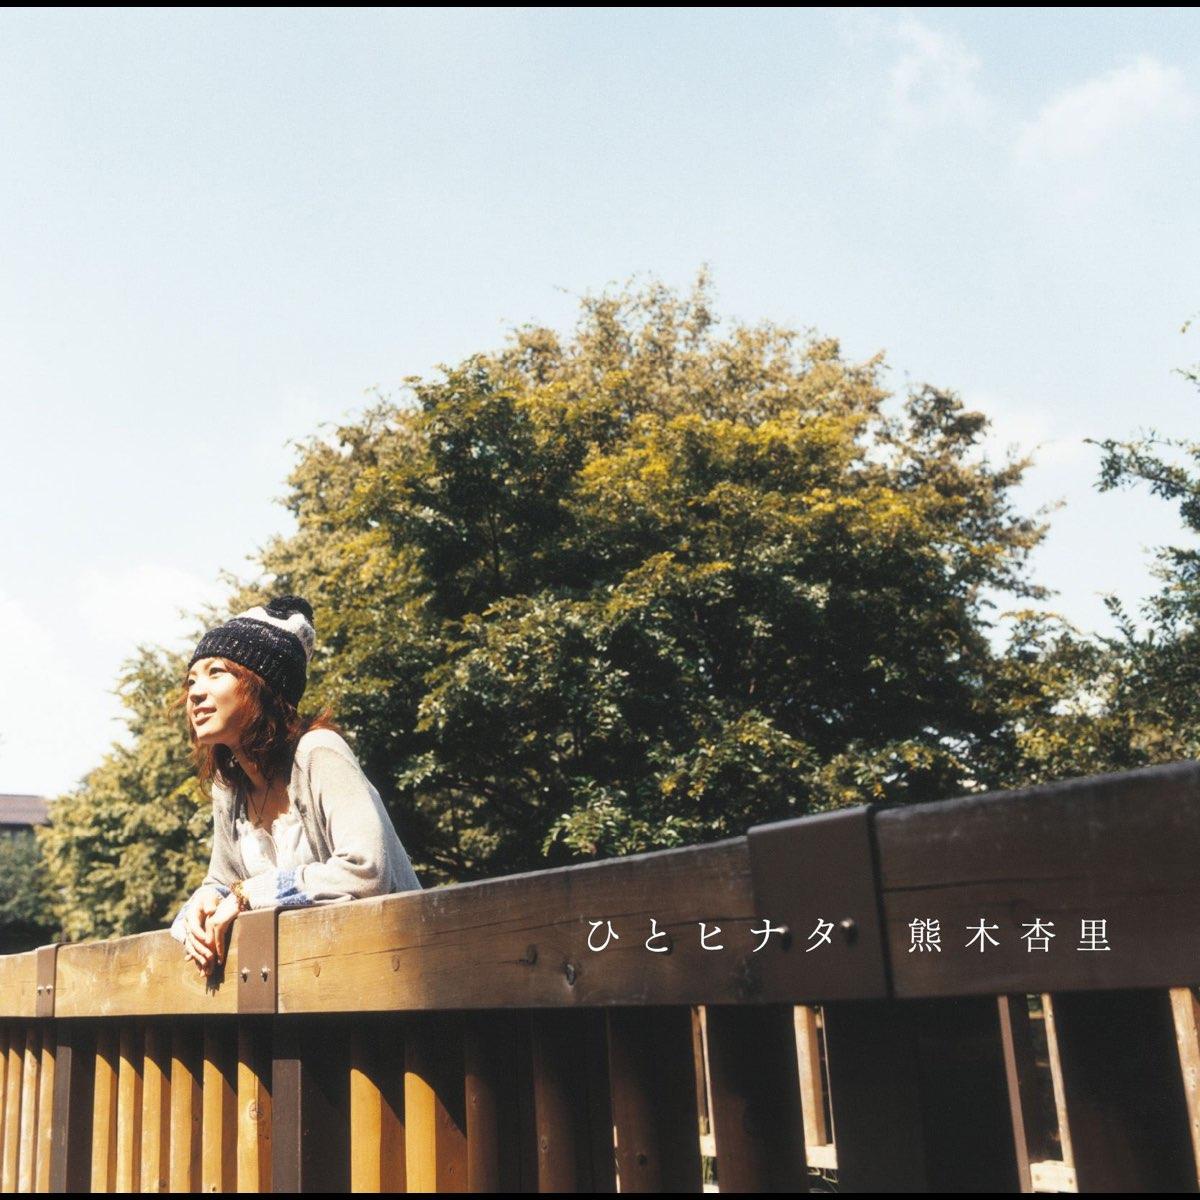 『熊木杏里 - 雨が空から離れたら』収録の『ひとヒナタ』ジャケット